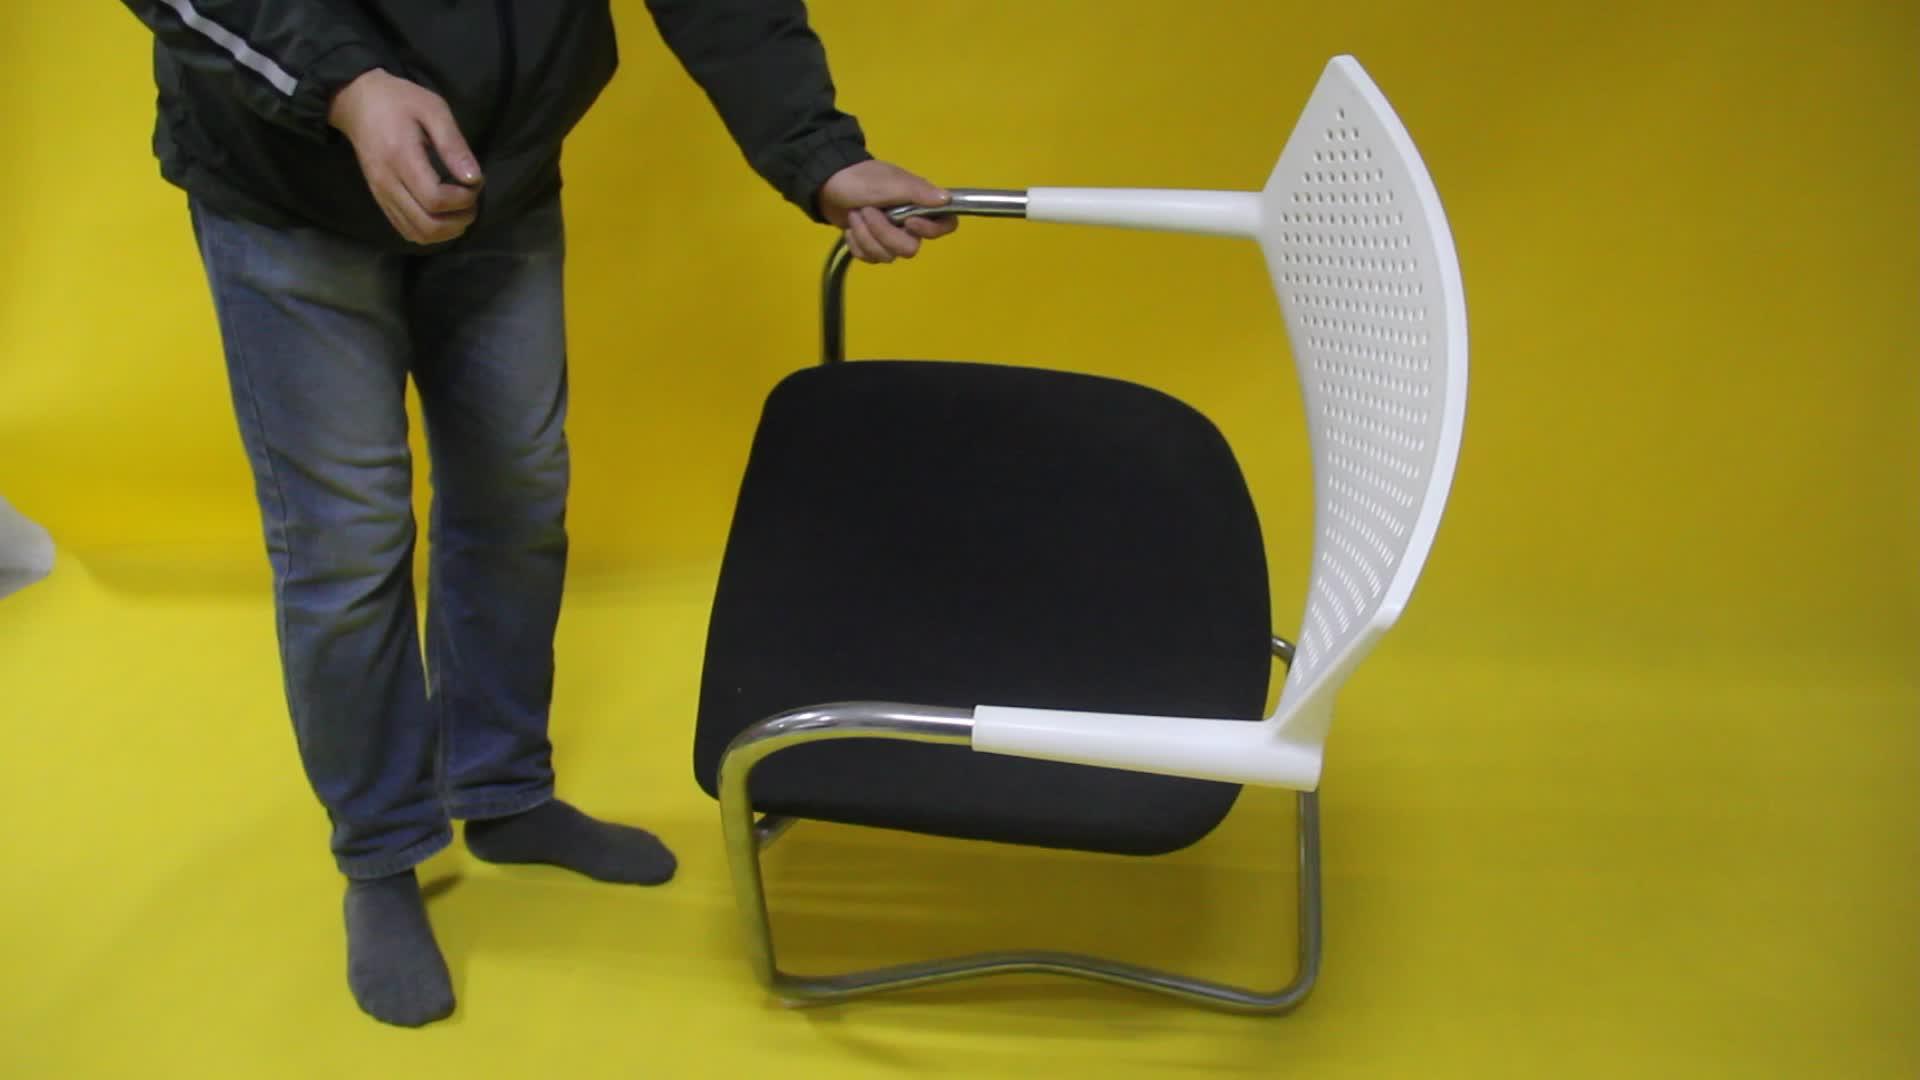 Sedie Da Ufficio Con Braccioli Senza Ruote : Sedie da ufficio senza ruote prezzo auditorium sedie in tessuto